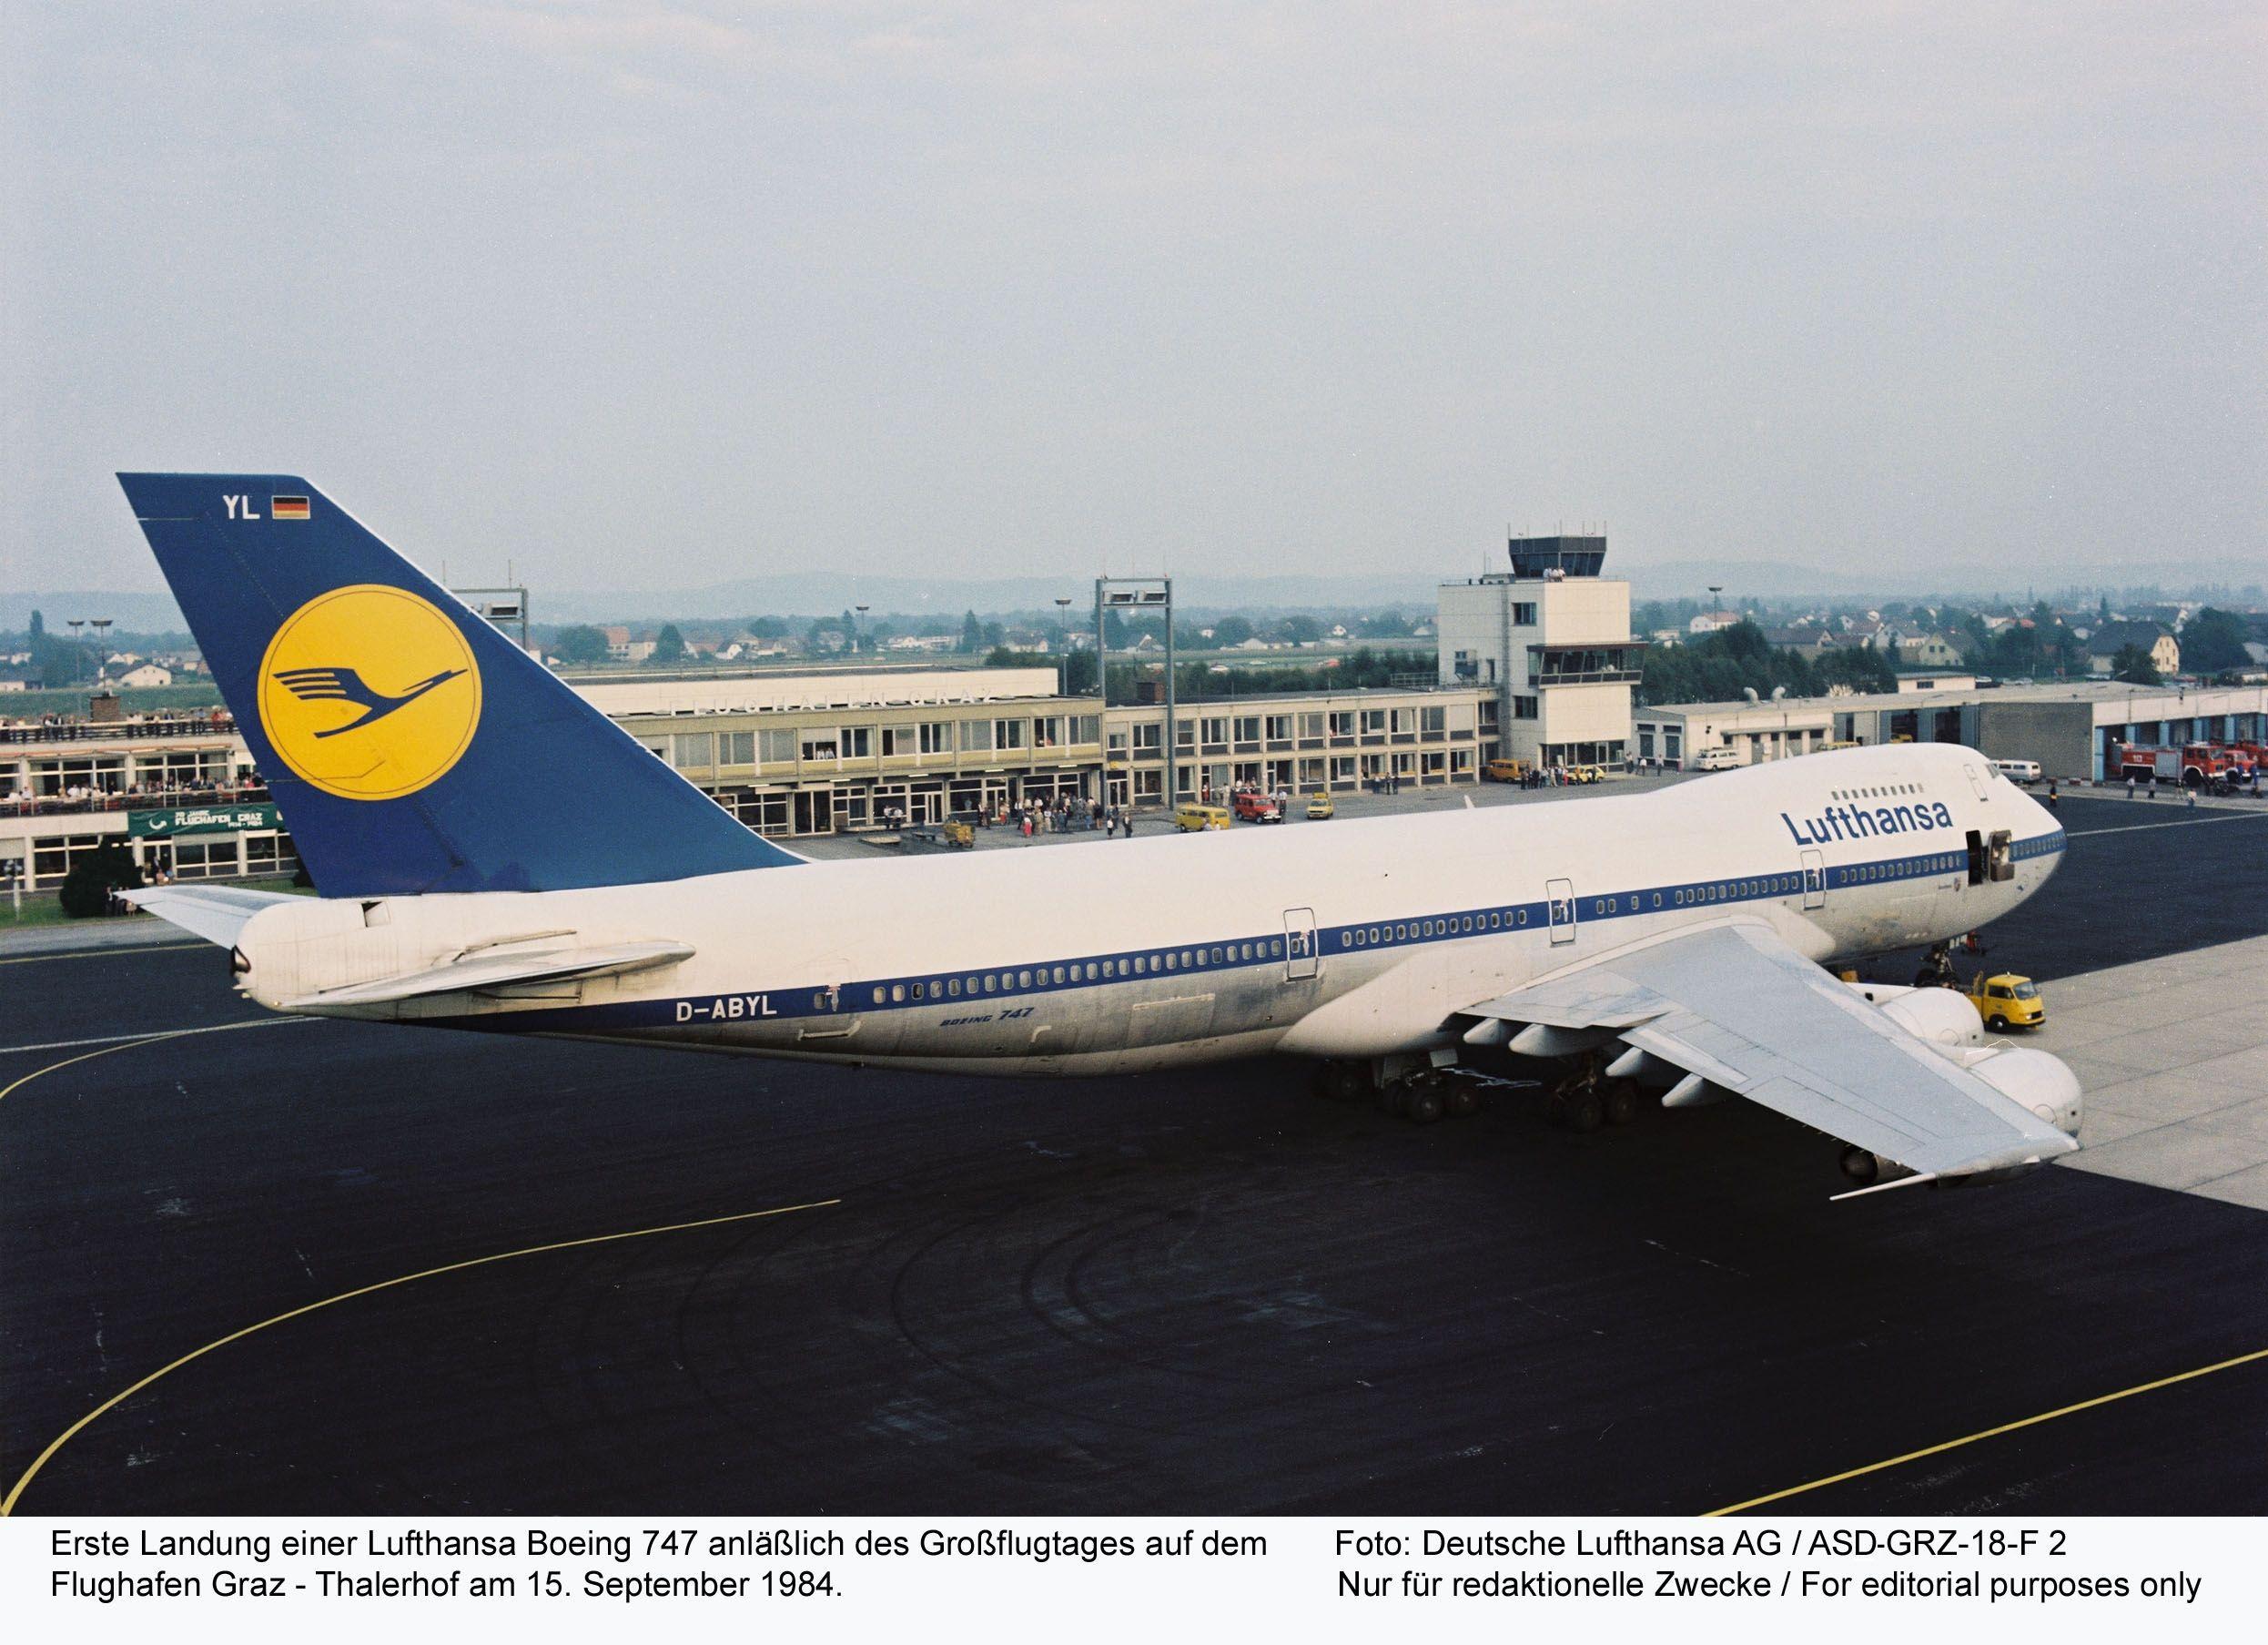 an early lufthansa boeing 747-200 (d-abyl) seen at graz thalerhof